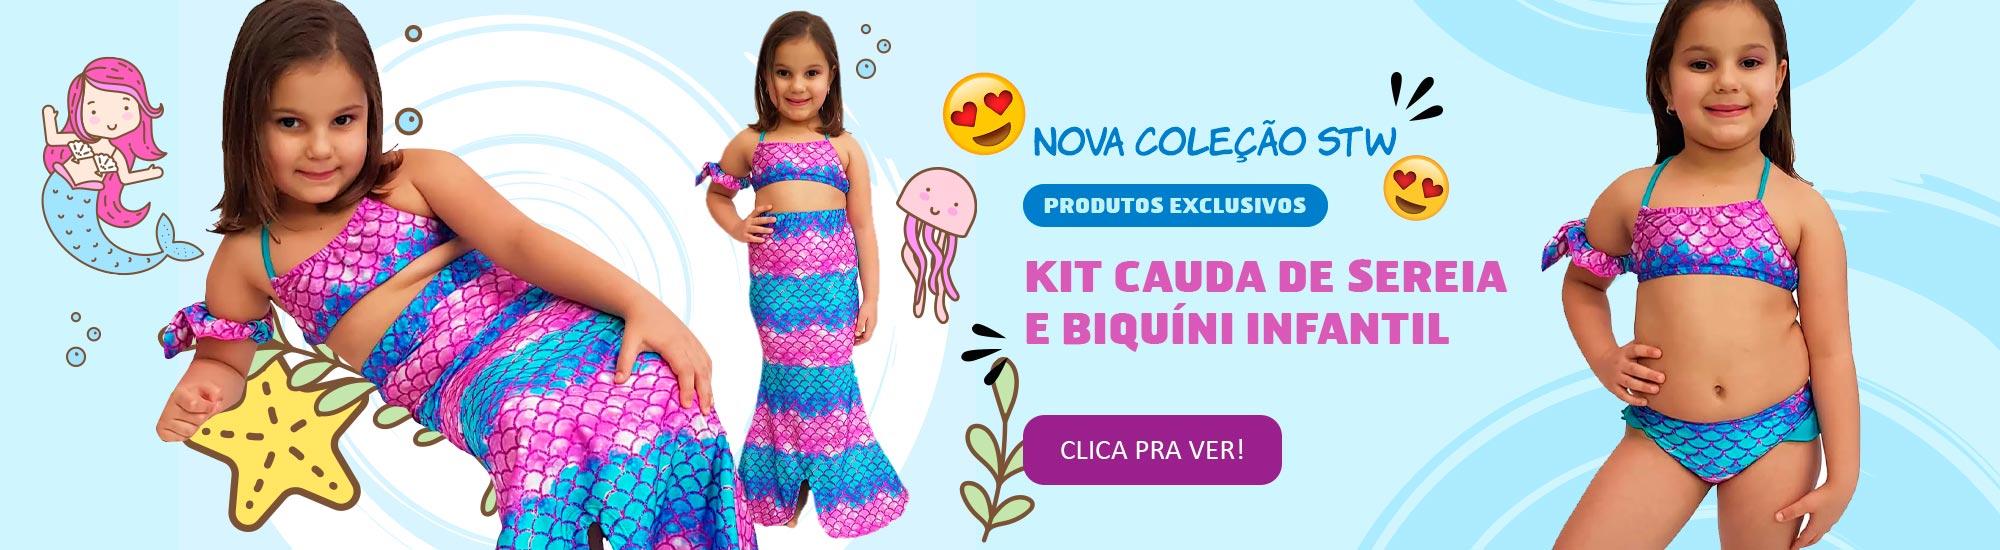 Nova Coleção STW Kids. Confira o melhor da moda praia para as crianças!